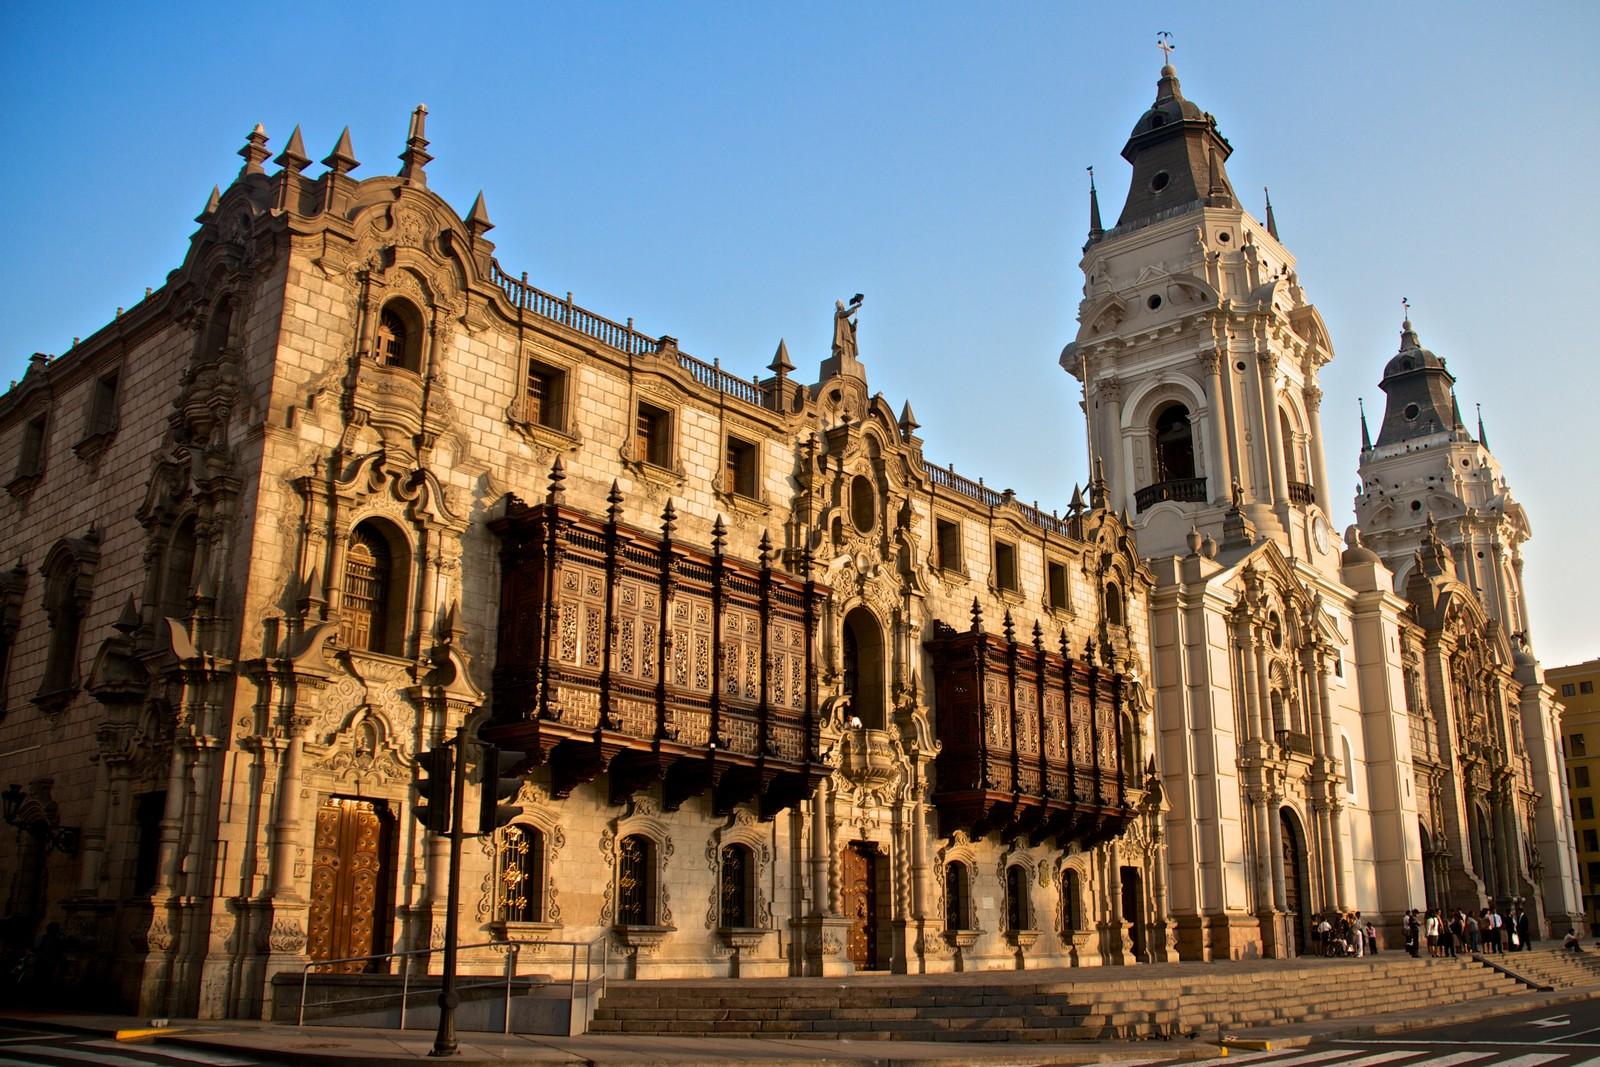 Prodigio en un Terremoto: Nuestra Señora del Milagro de Lima, Perú (27 nov y 19 jul)